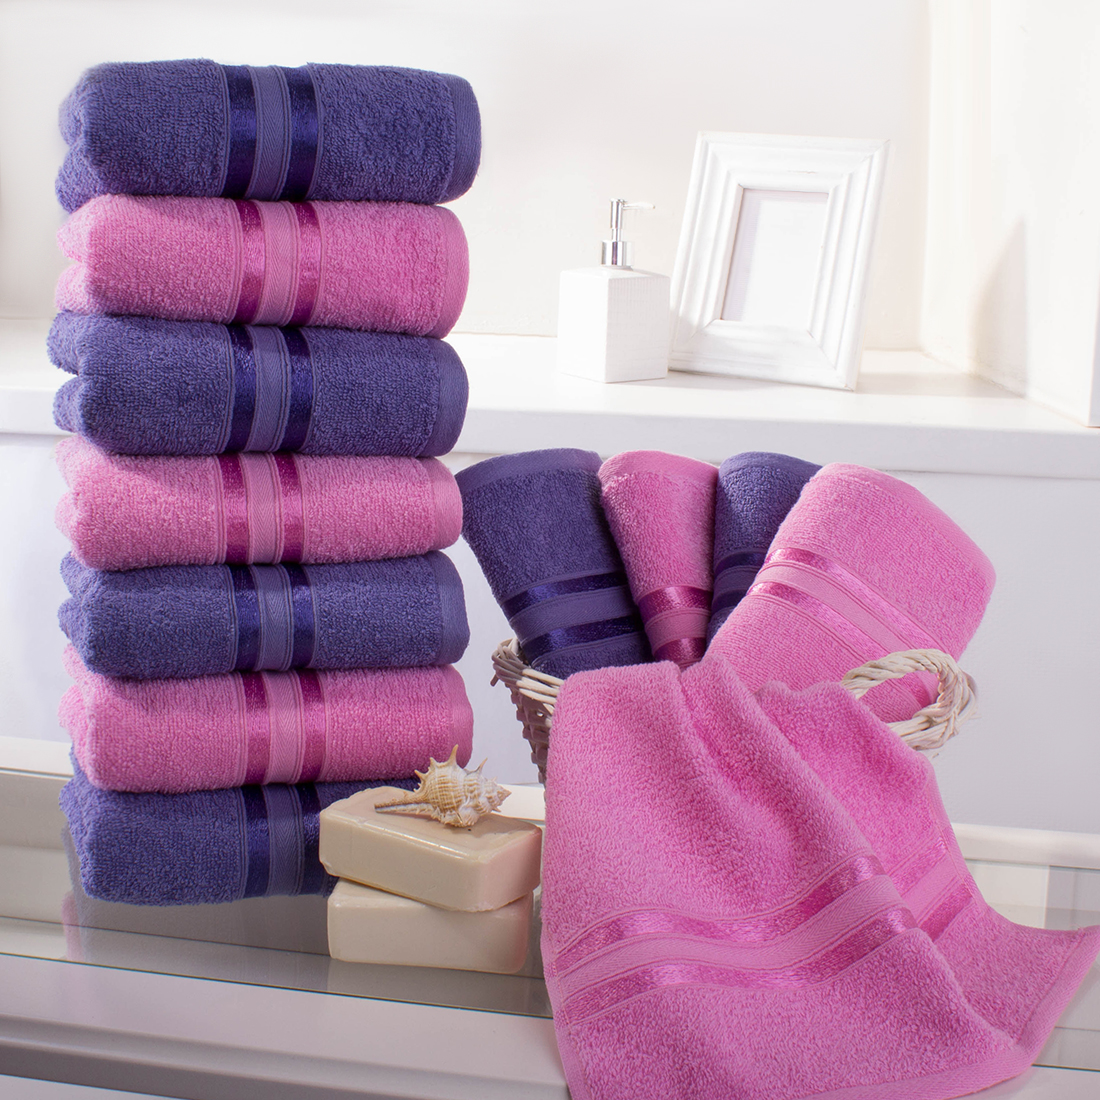 Полотенца Dome, Полотенце для рук Harmonika Цвет: Розовая Вишня-Сиреневый (33х50 см - 12 шт), Дания, Махра  - Купить